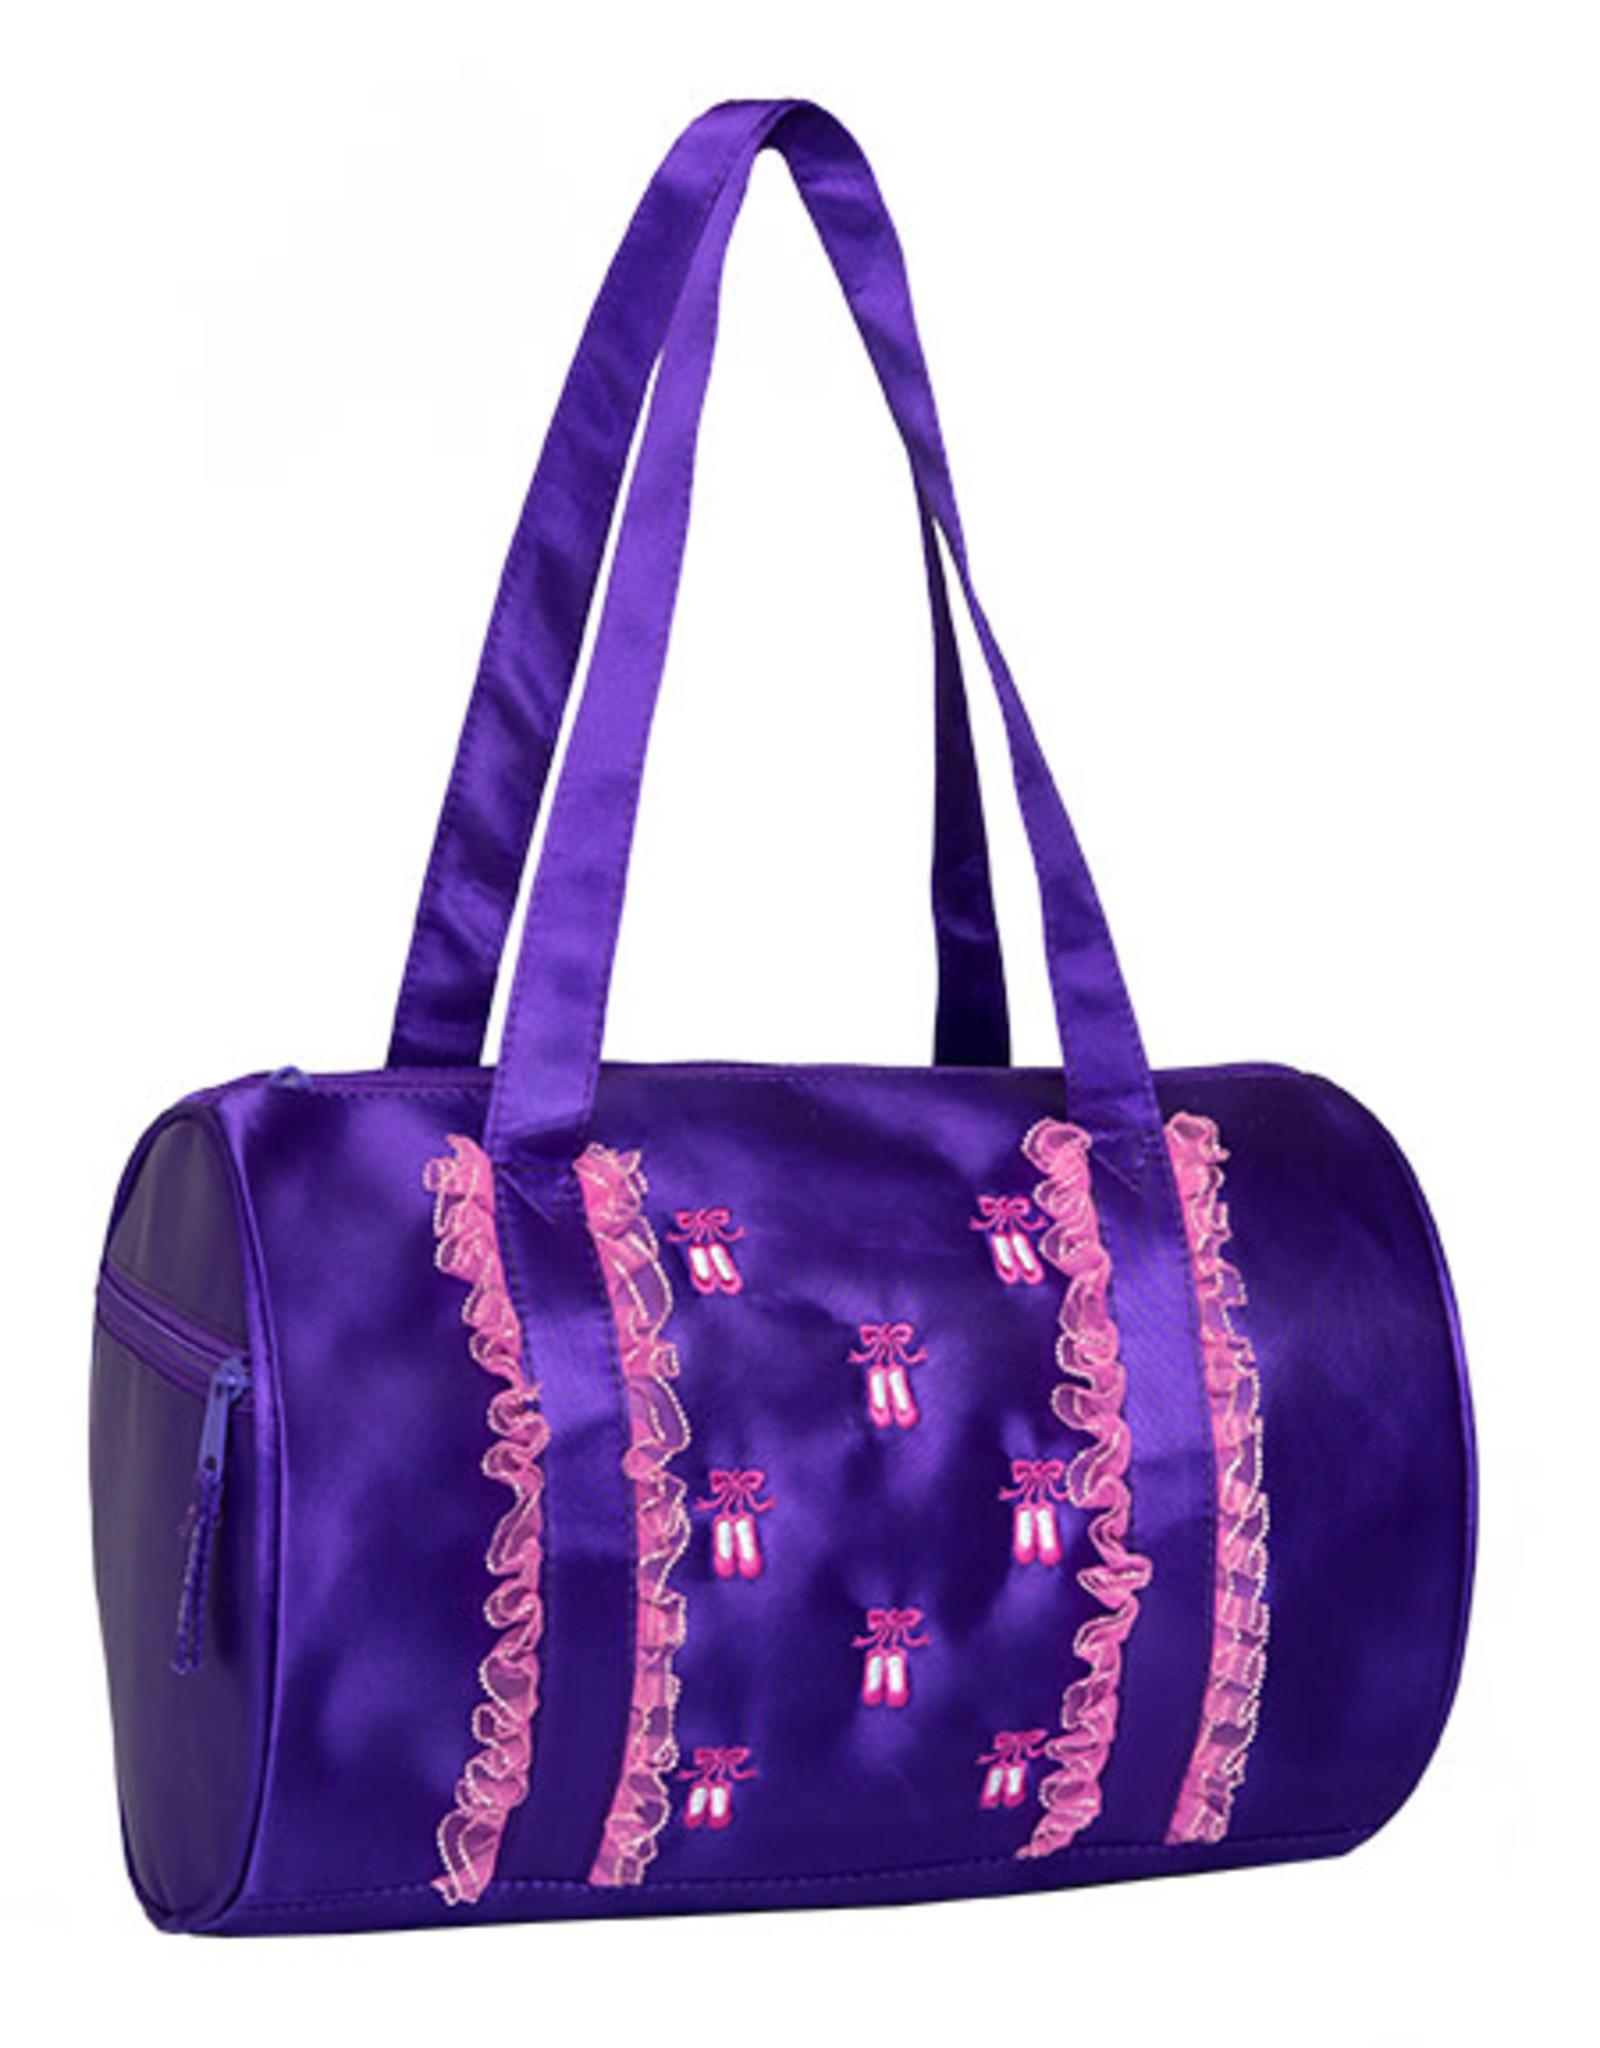 Horizon Ruffles2 Duffle Purple Bag